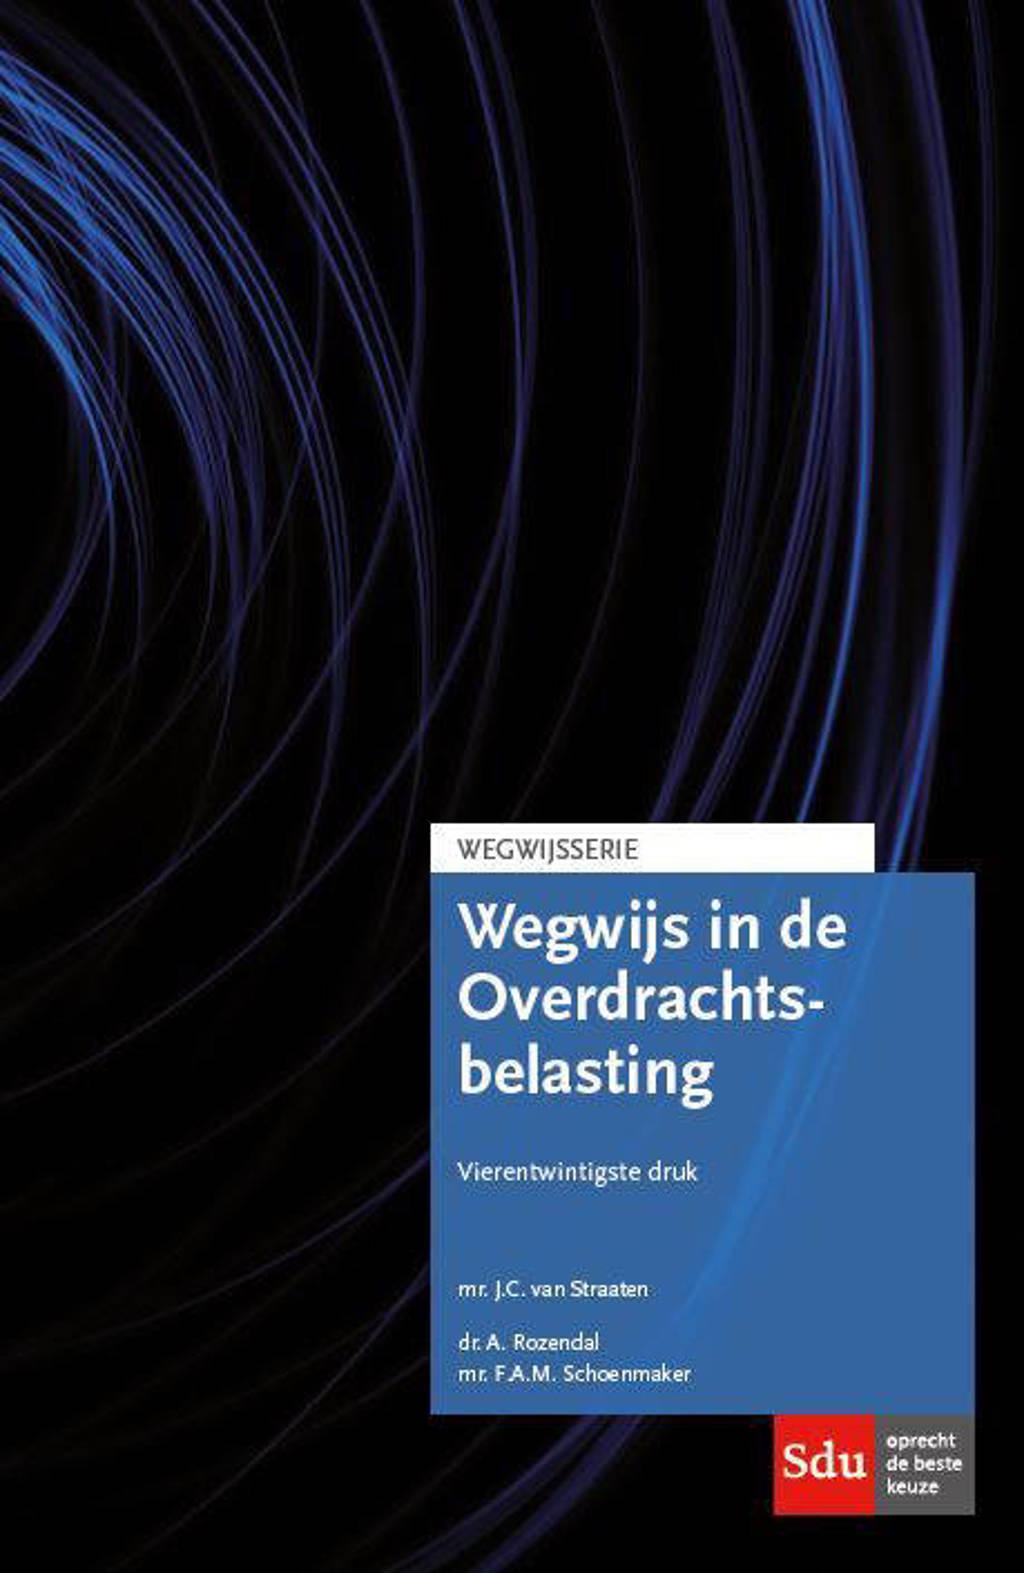 Wegwijsserie: Wegwijs in de overdrachtsbelasting 2019 - J.C. van Straaten